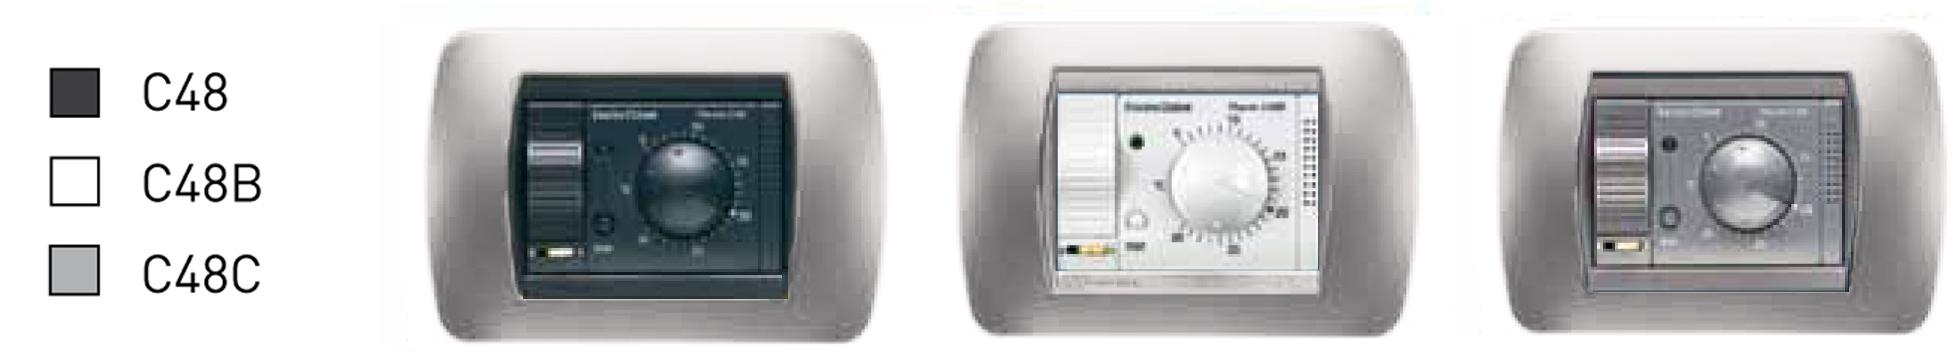 C48 termostati ambiente da incasso a batterie a 1 for Termostato fantini cosmi c48 prezzo